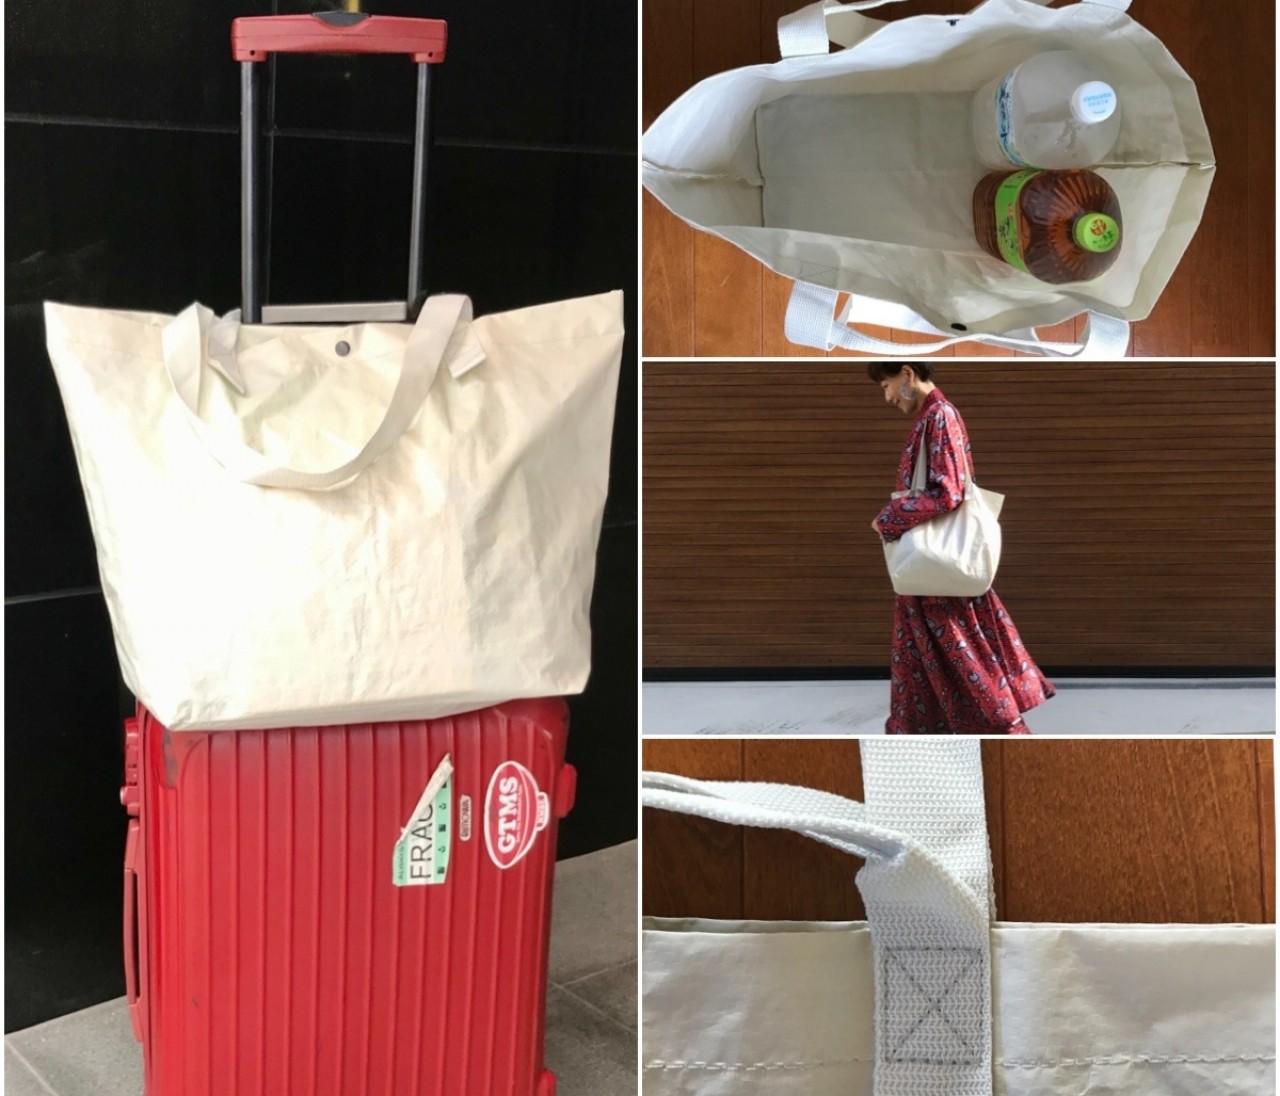 世界一コスパのいいバッグ認定!?【無印良品】¥499レジャーシートトートバッグが万能すぎる♡